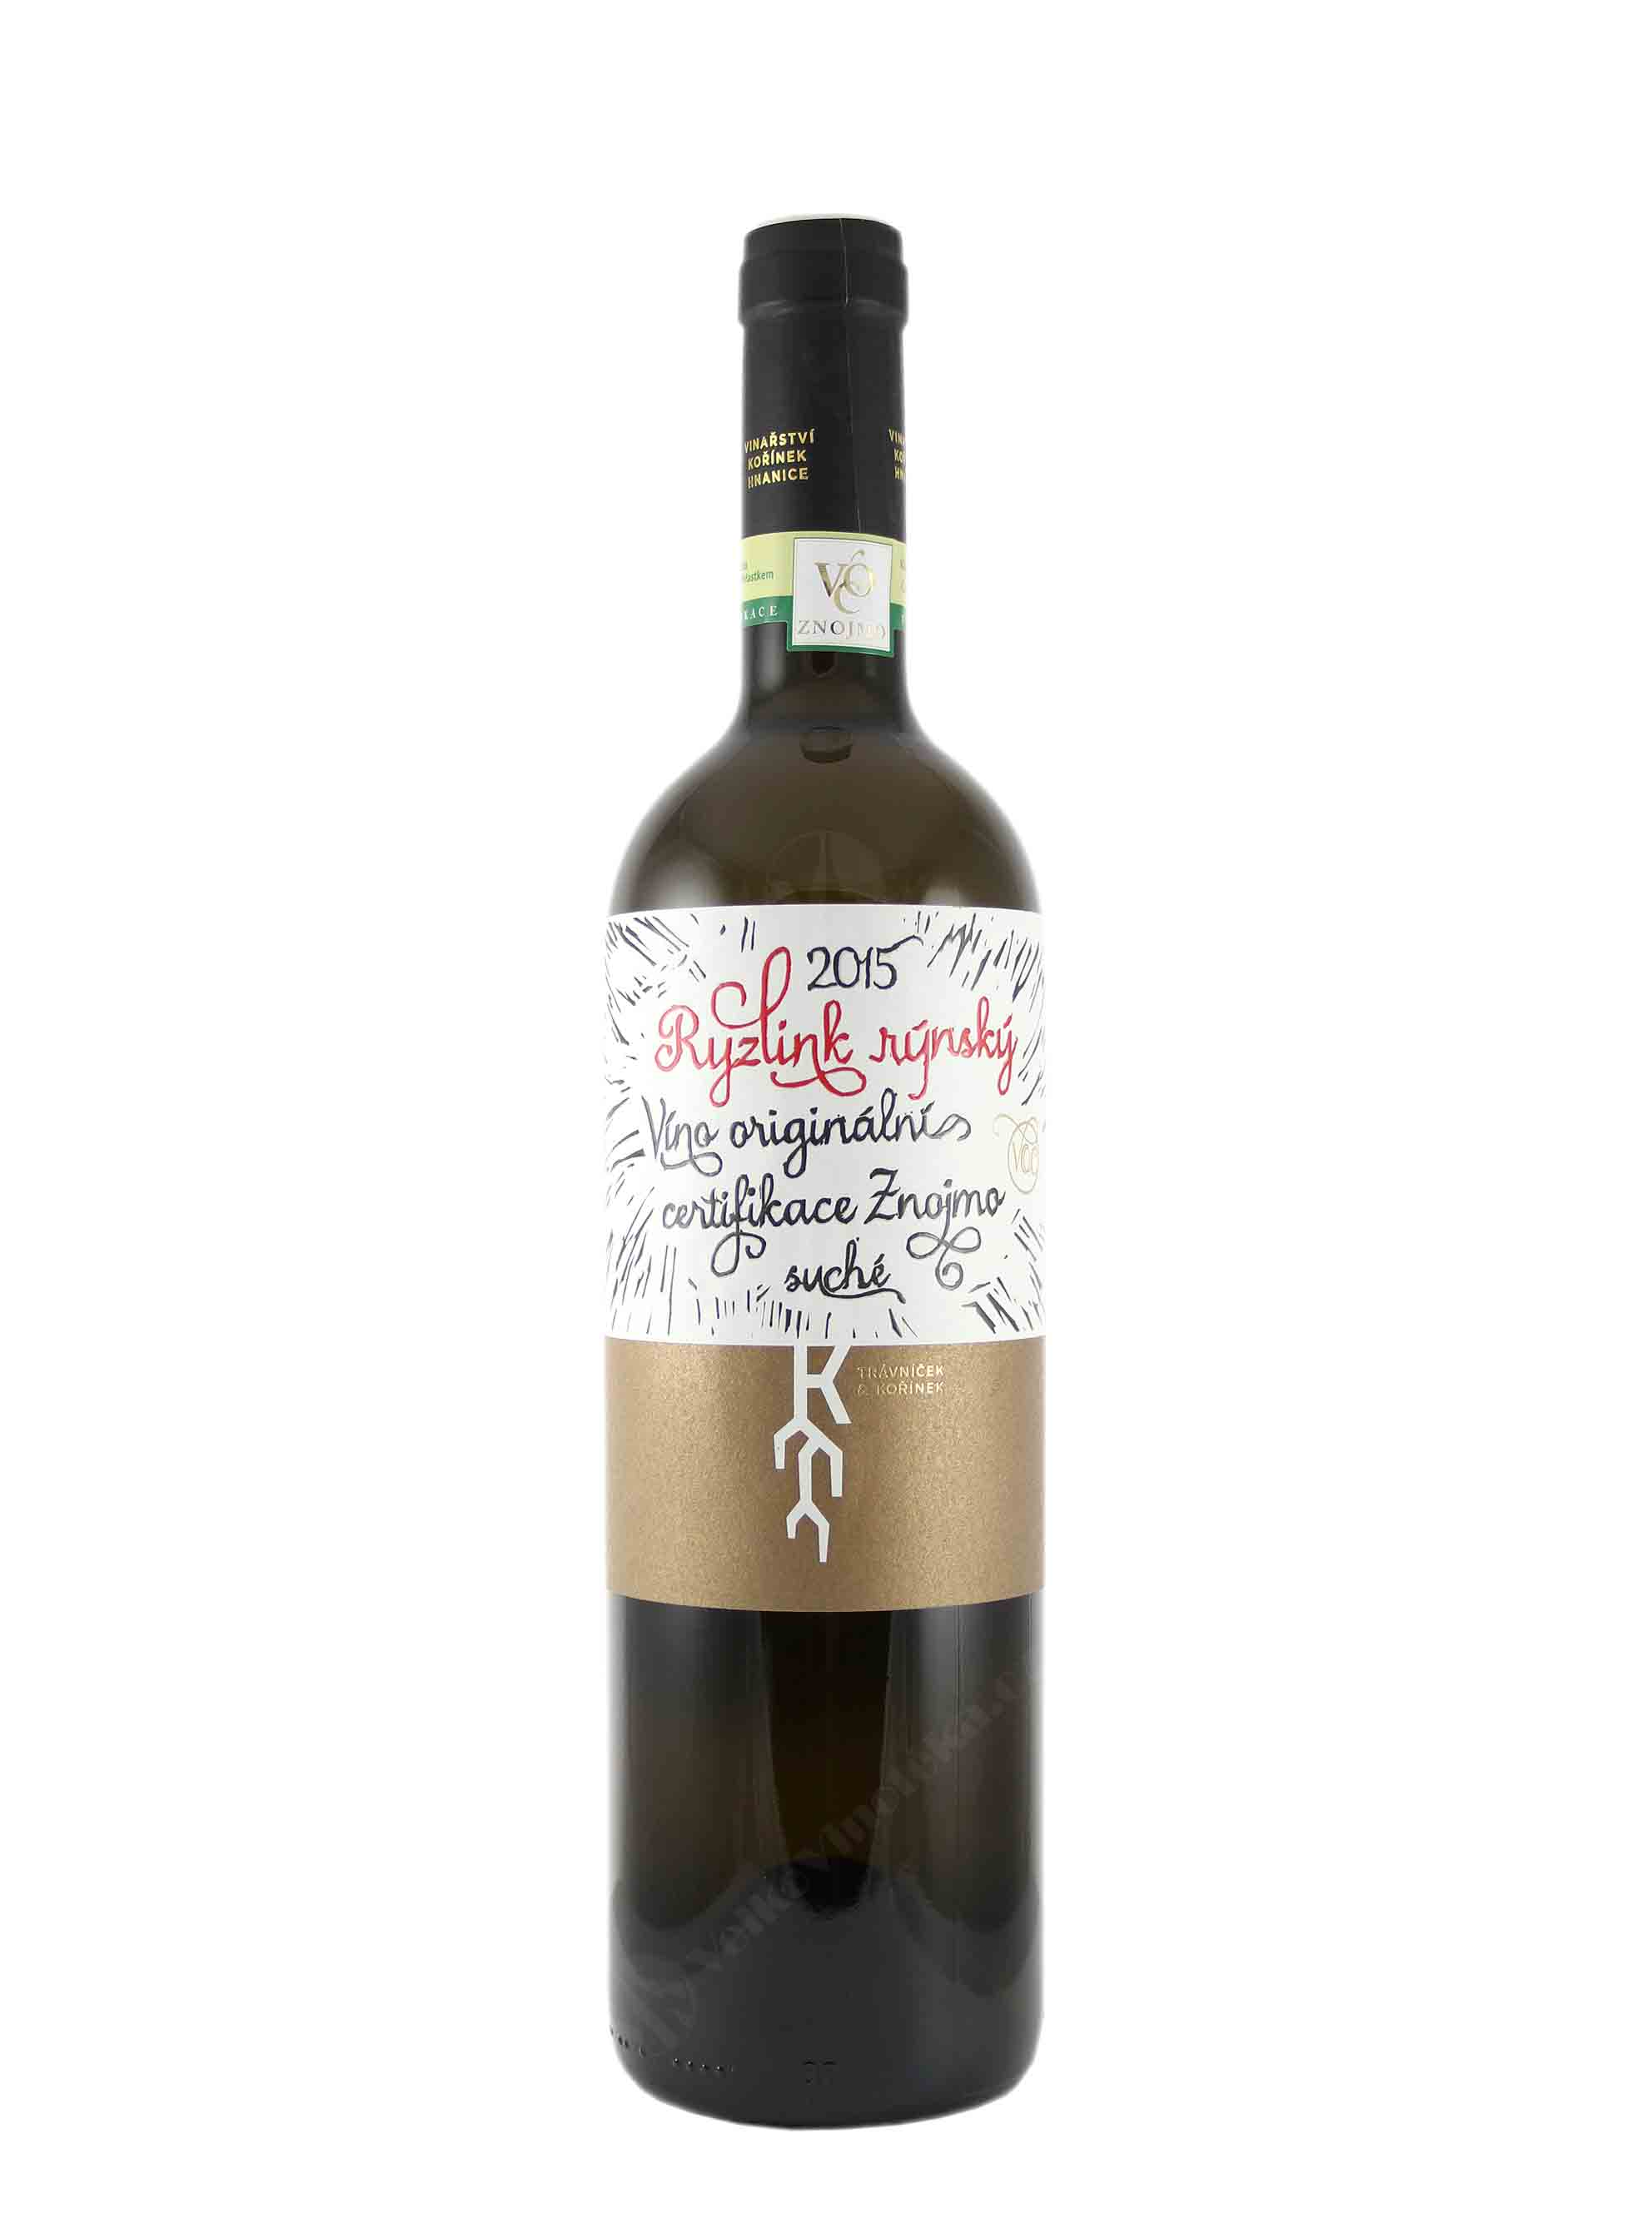 Ryzlink rýnský, VOC, 2015, Vinařství Trávníček & Kořínek, 0.75 l